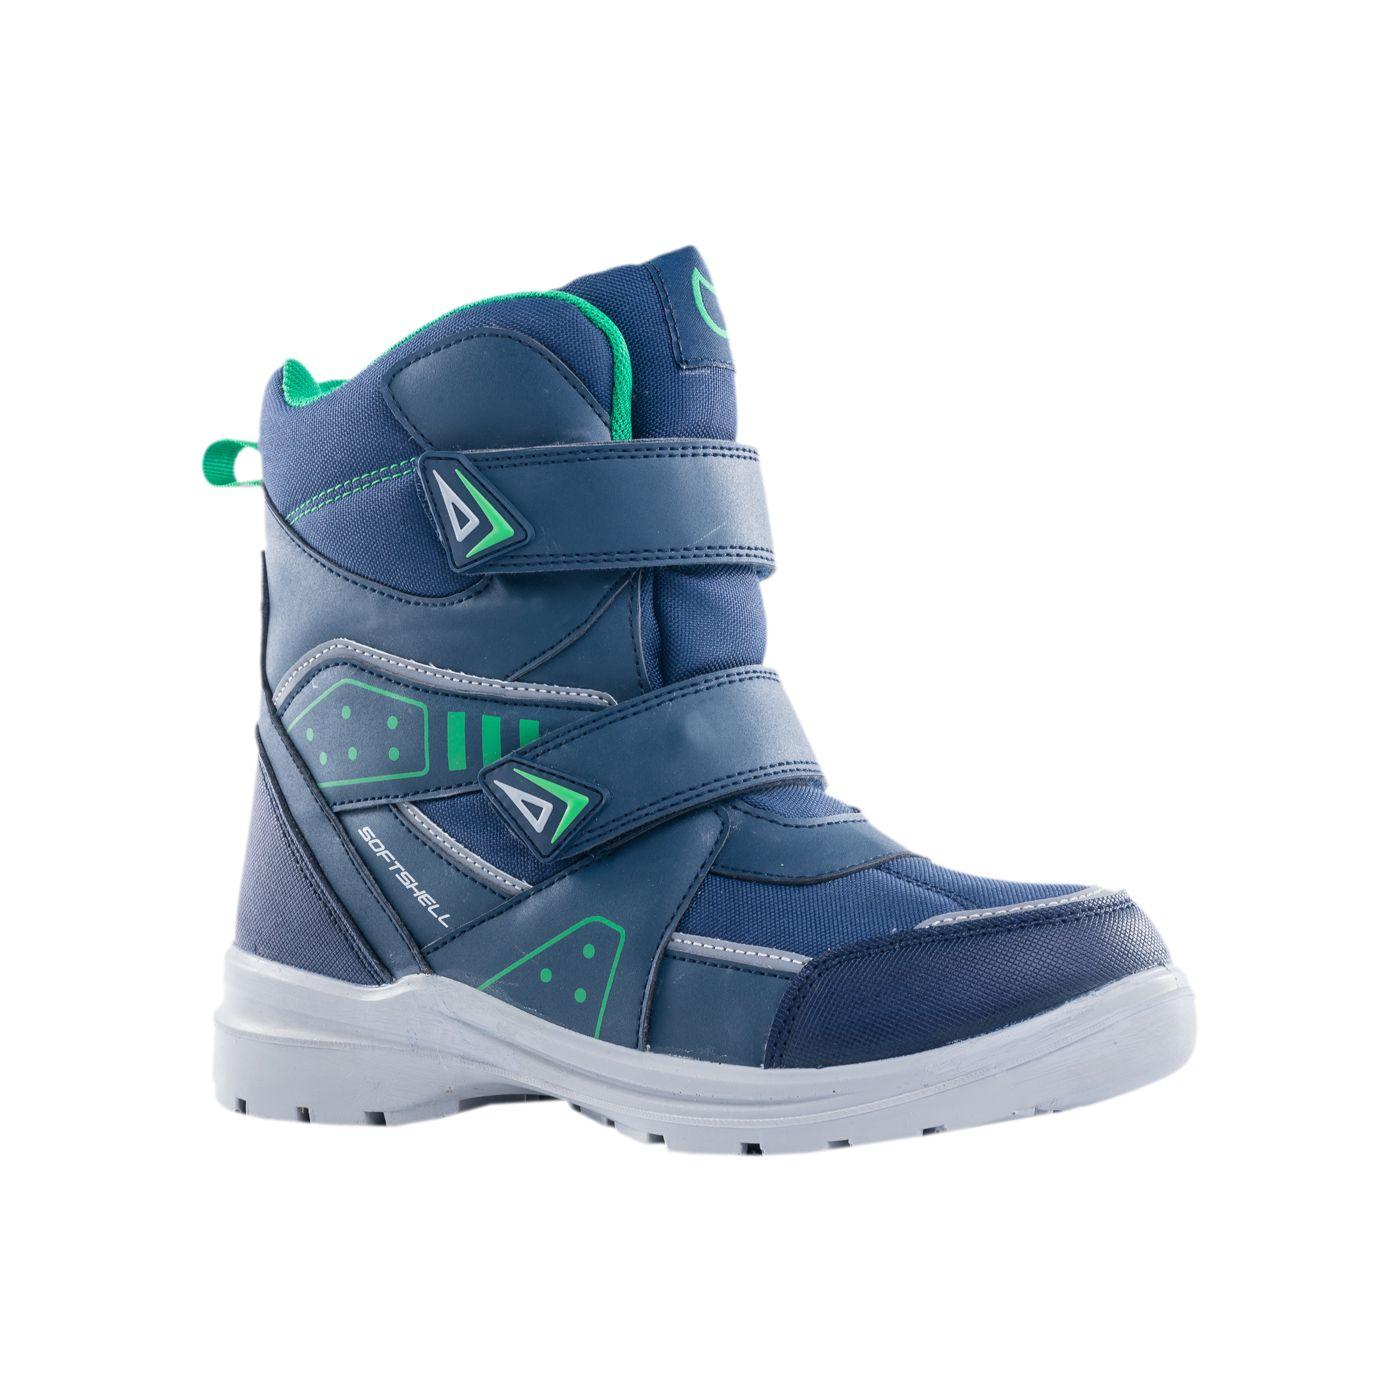 Мембранная обувь для мальчиков Котофей, 36 р-р